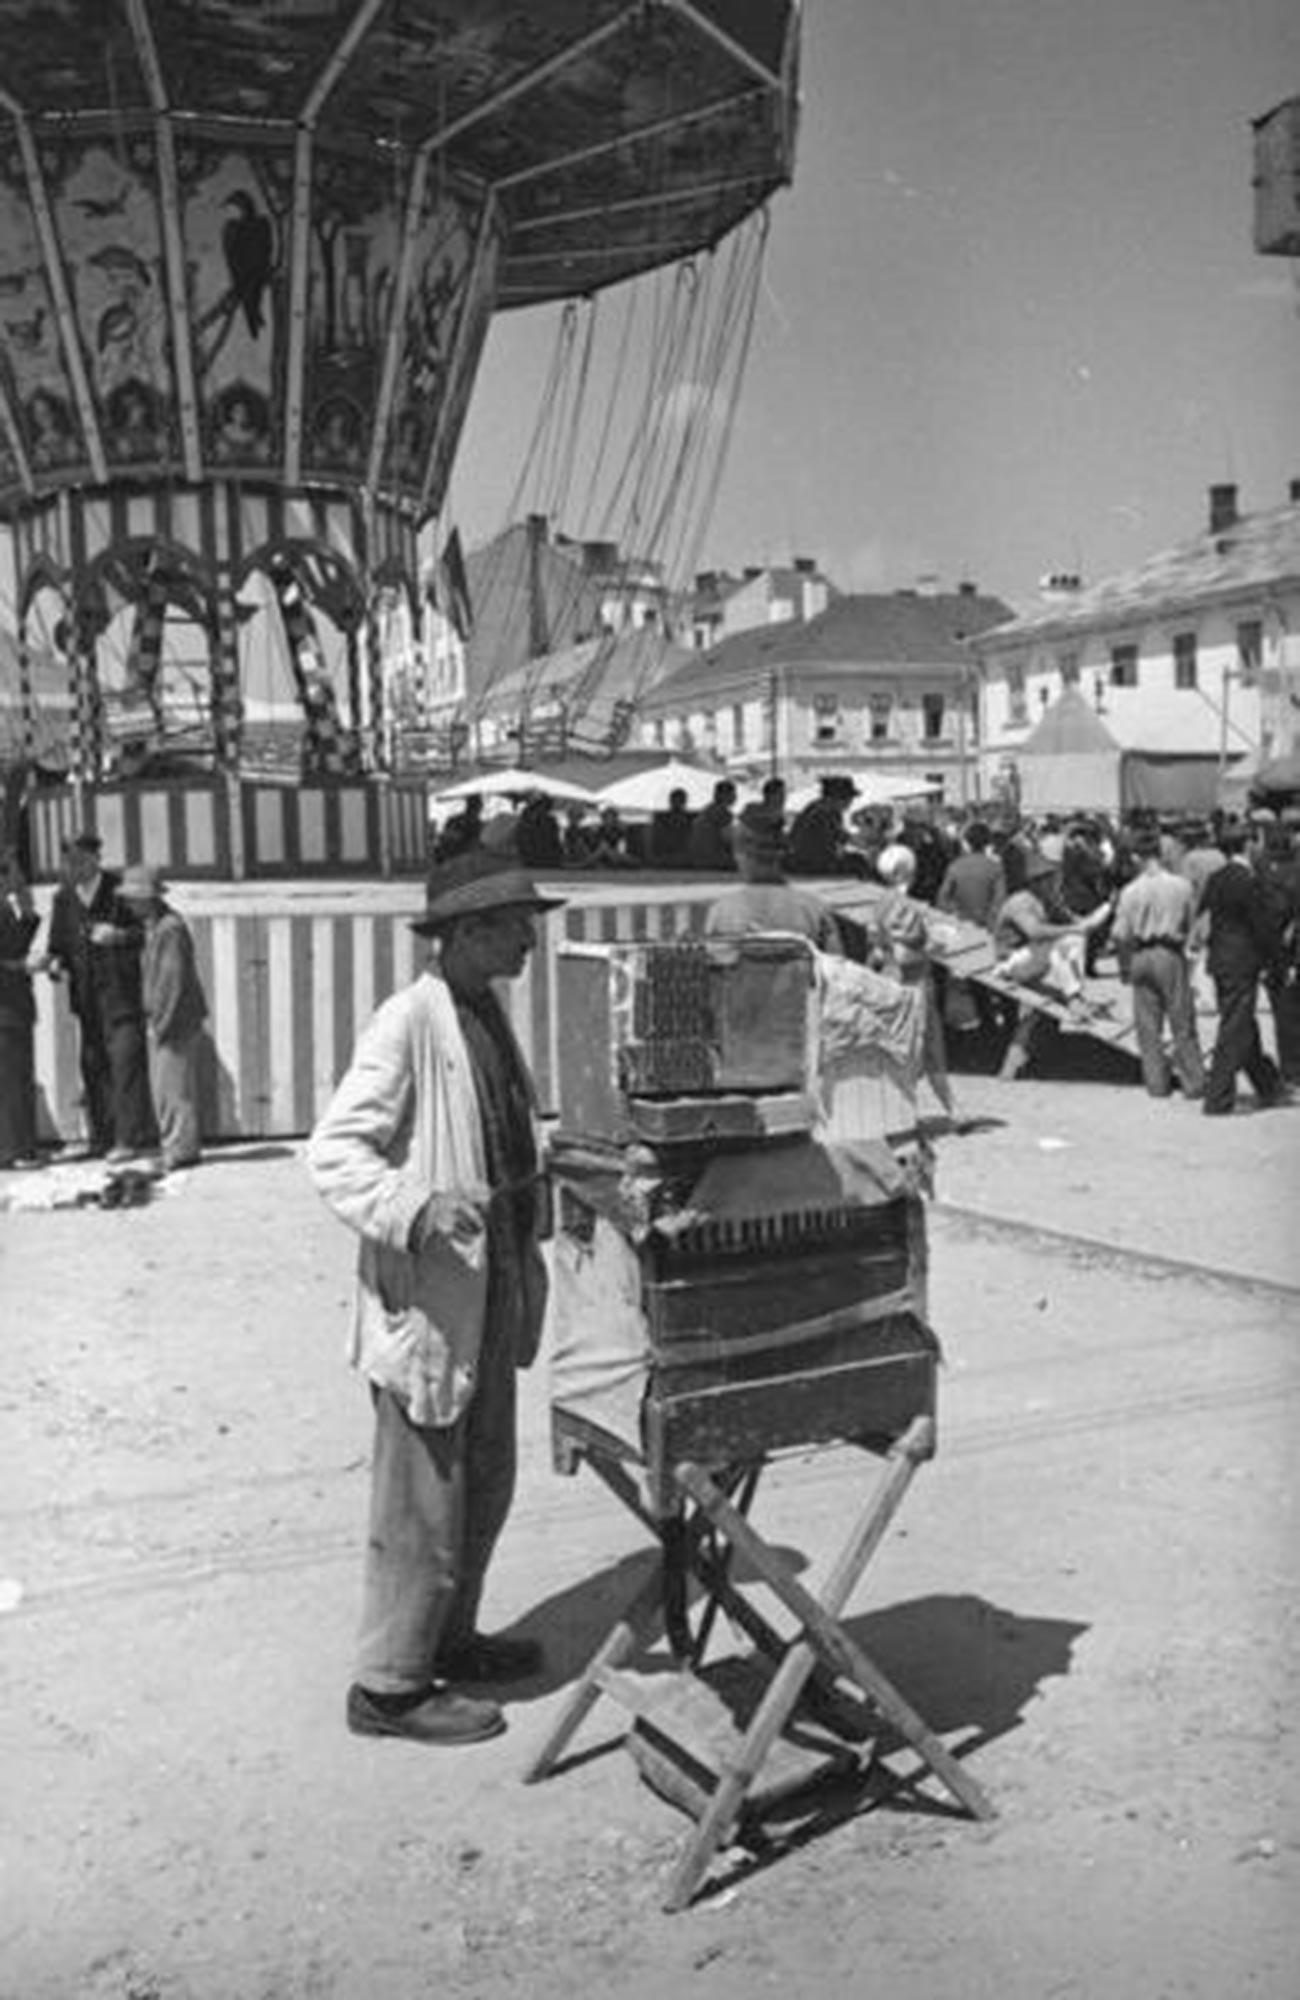 Drehorgel mit Papagei in der Stadt Tschernowitz, 1940